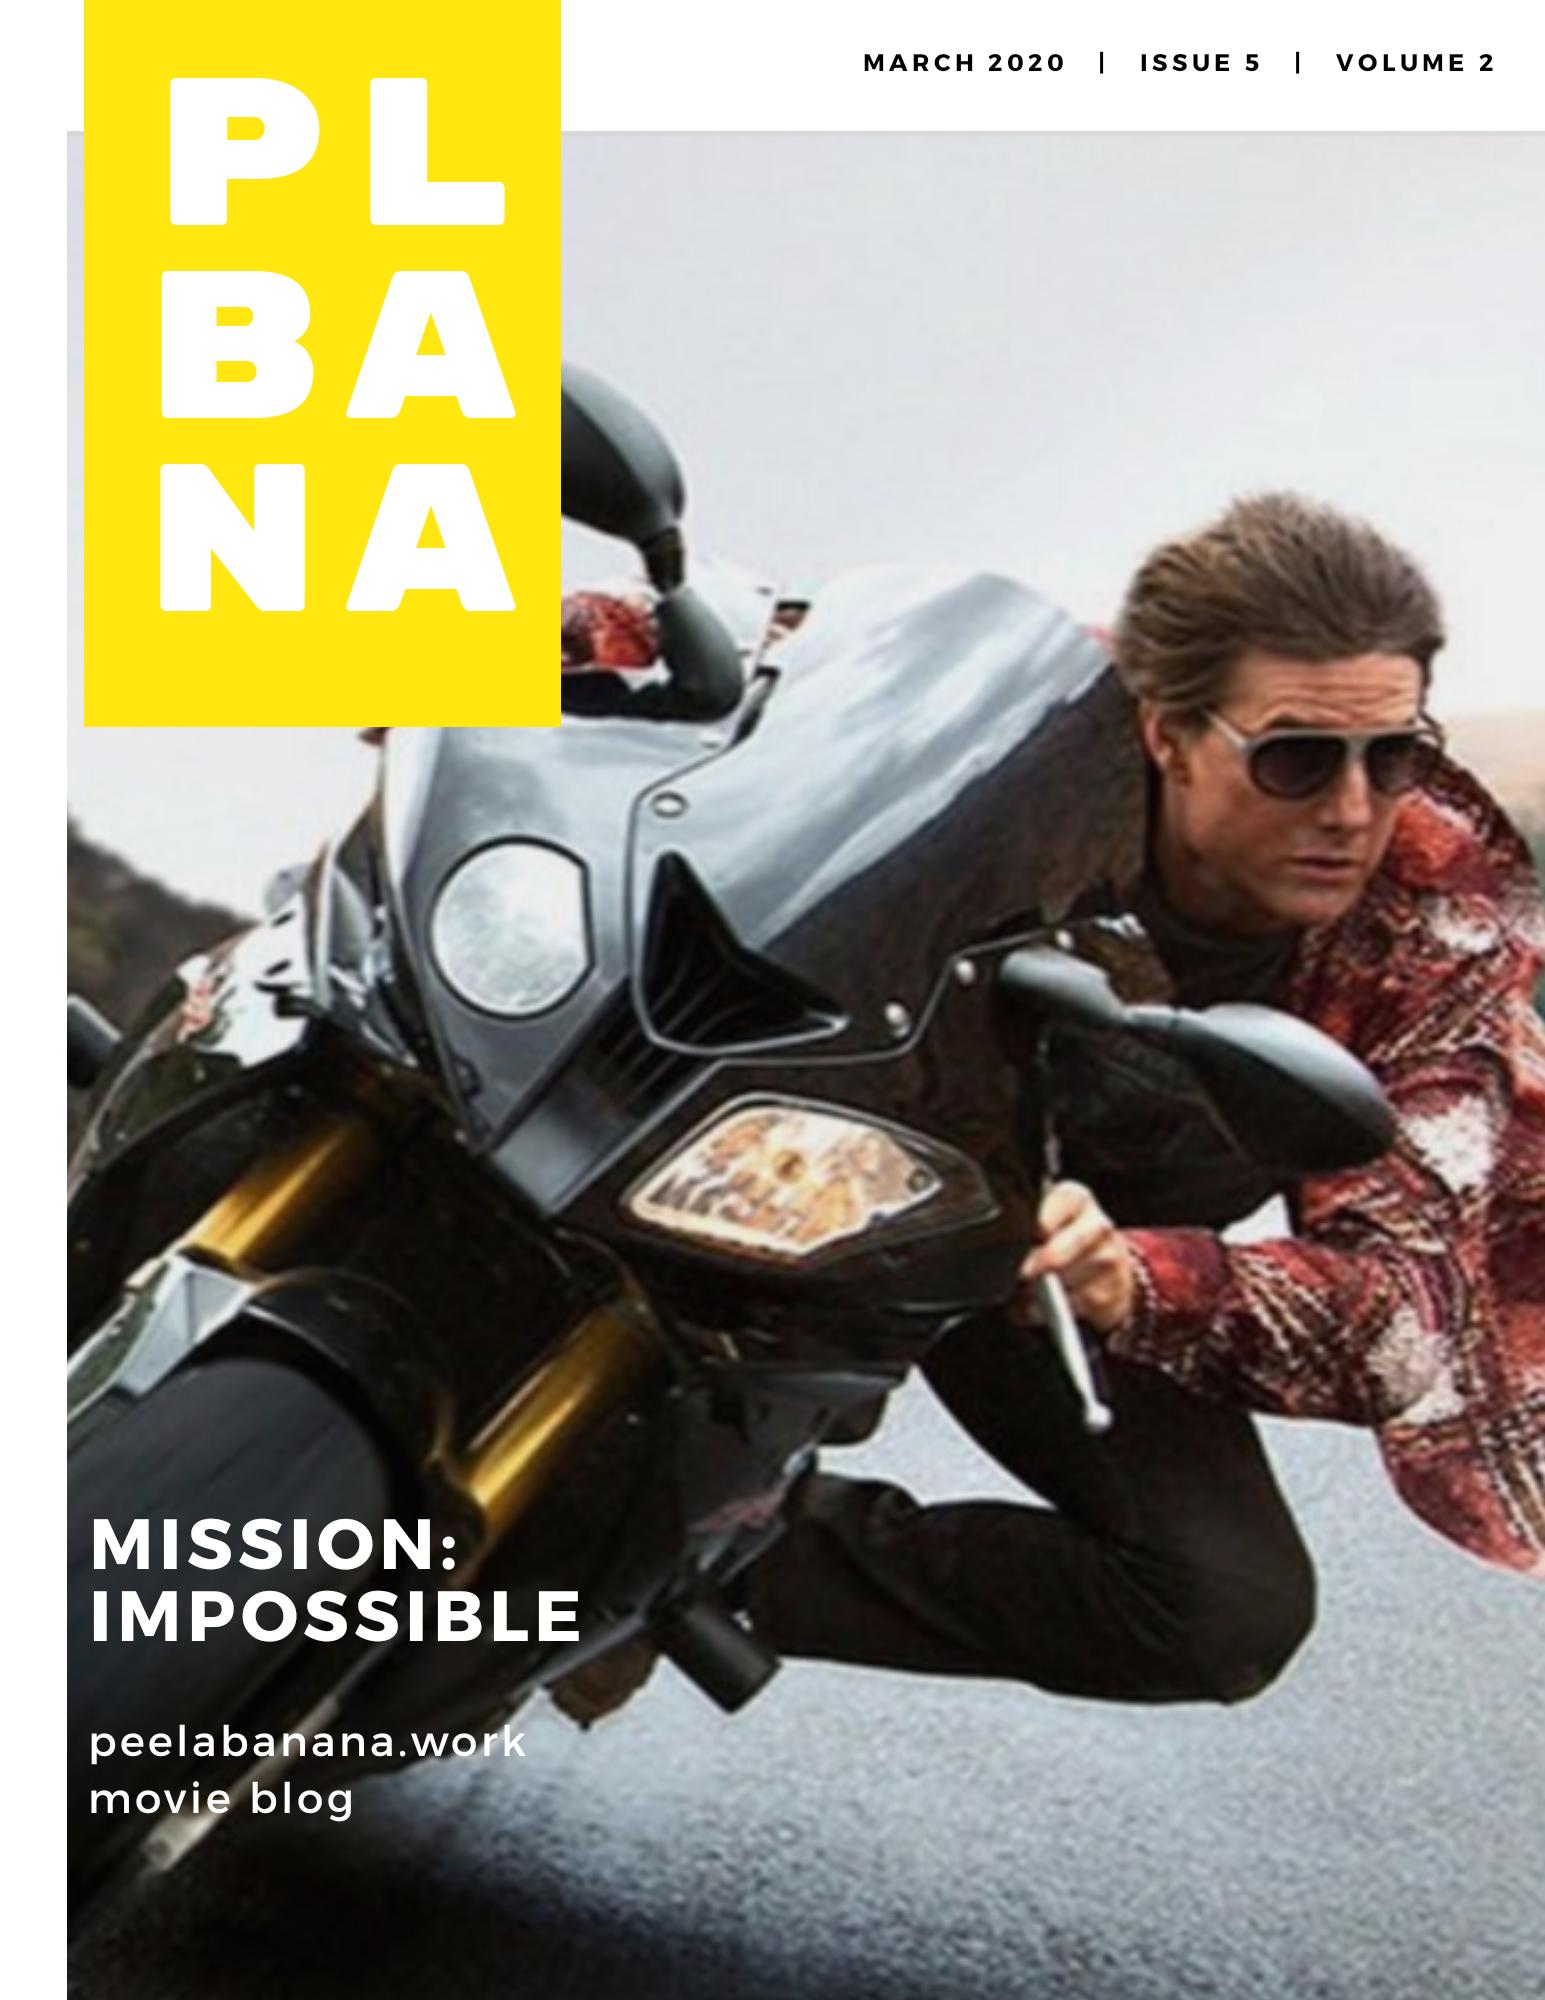 【トム・クルーズ】不可能なミッションの映画一言とちょこっと感想